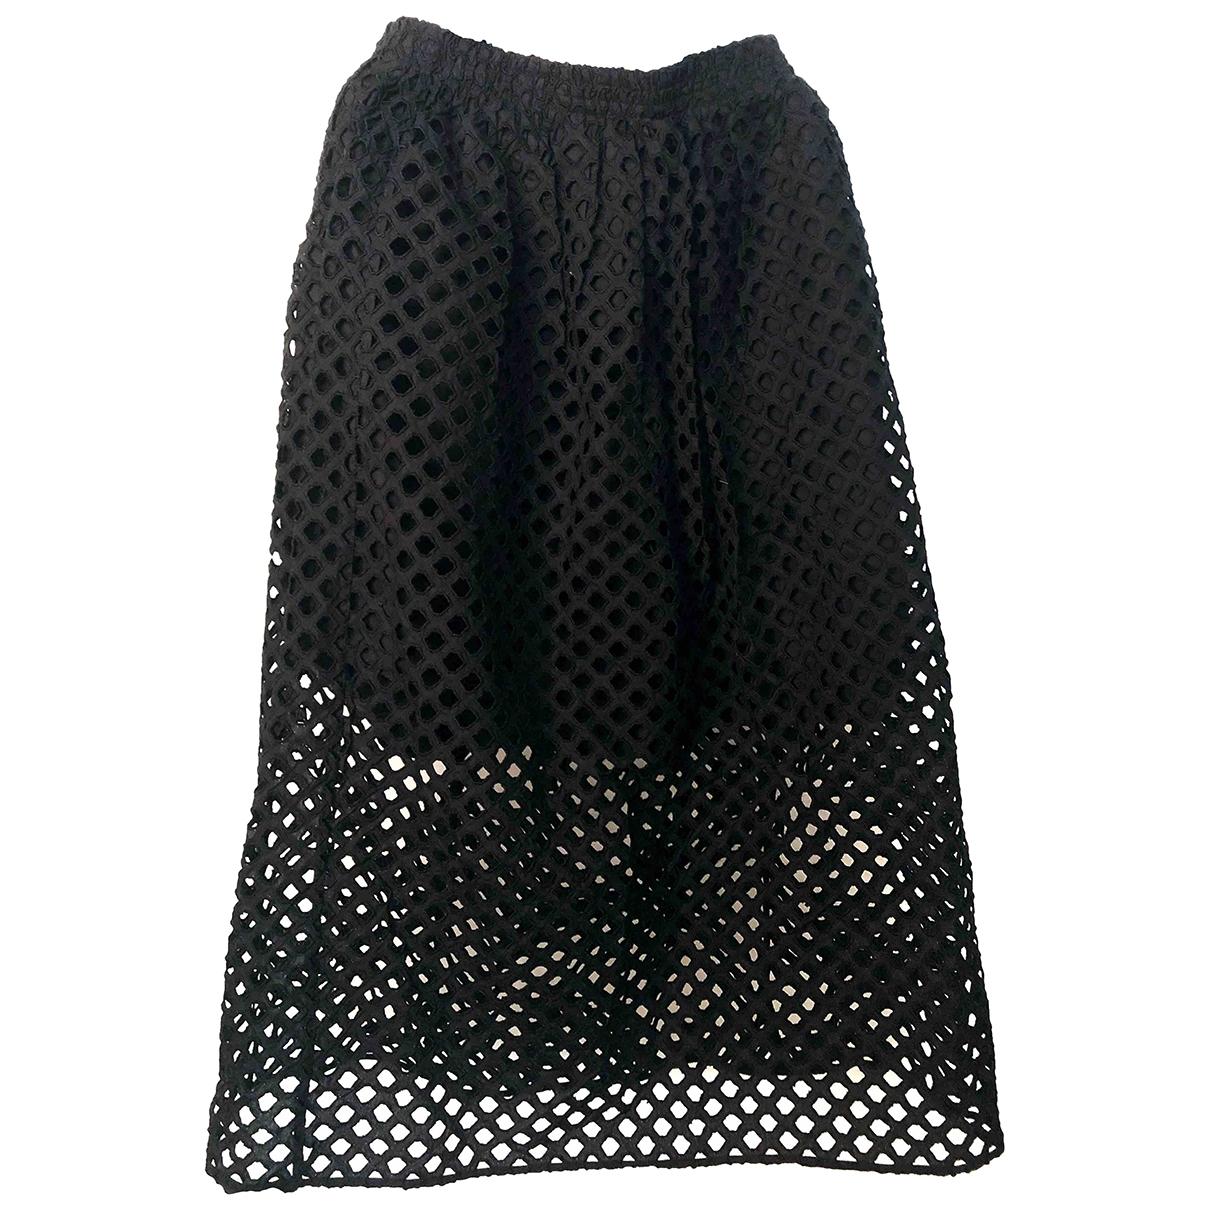 Carven \N Black Cotton skirt for Women 38 FR